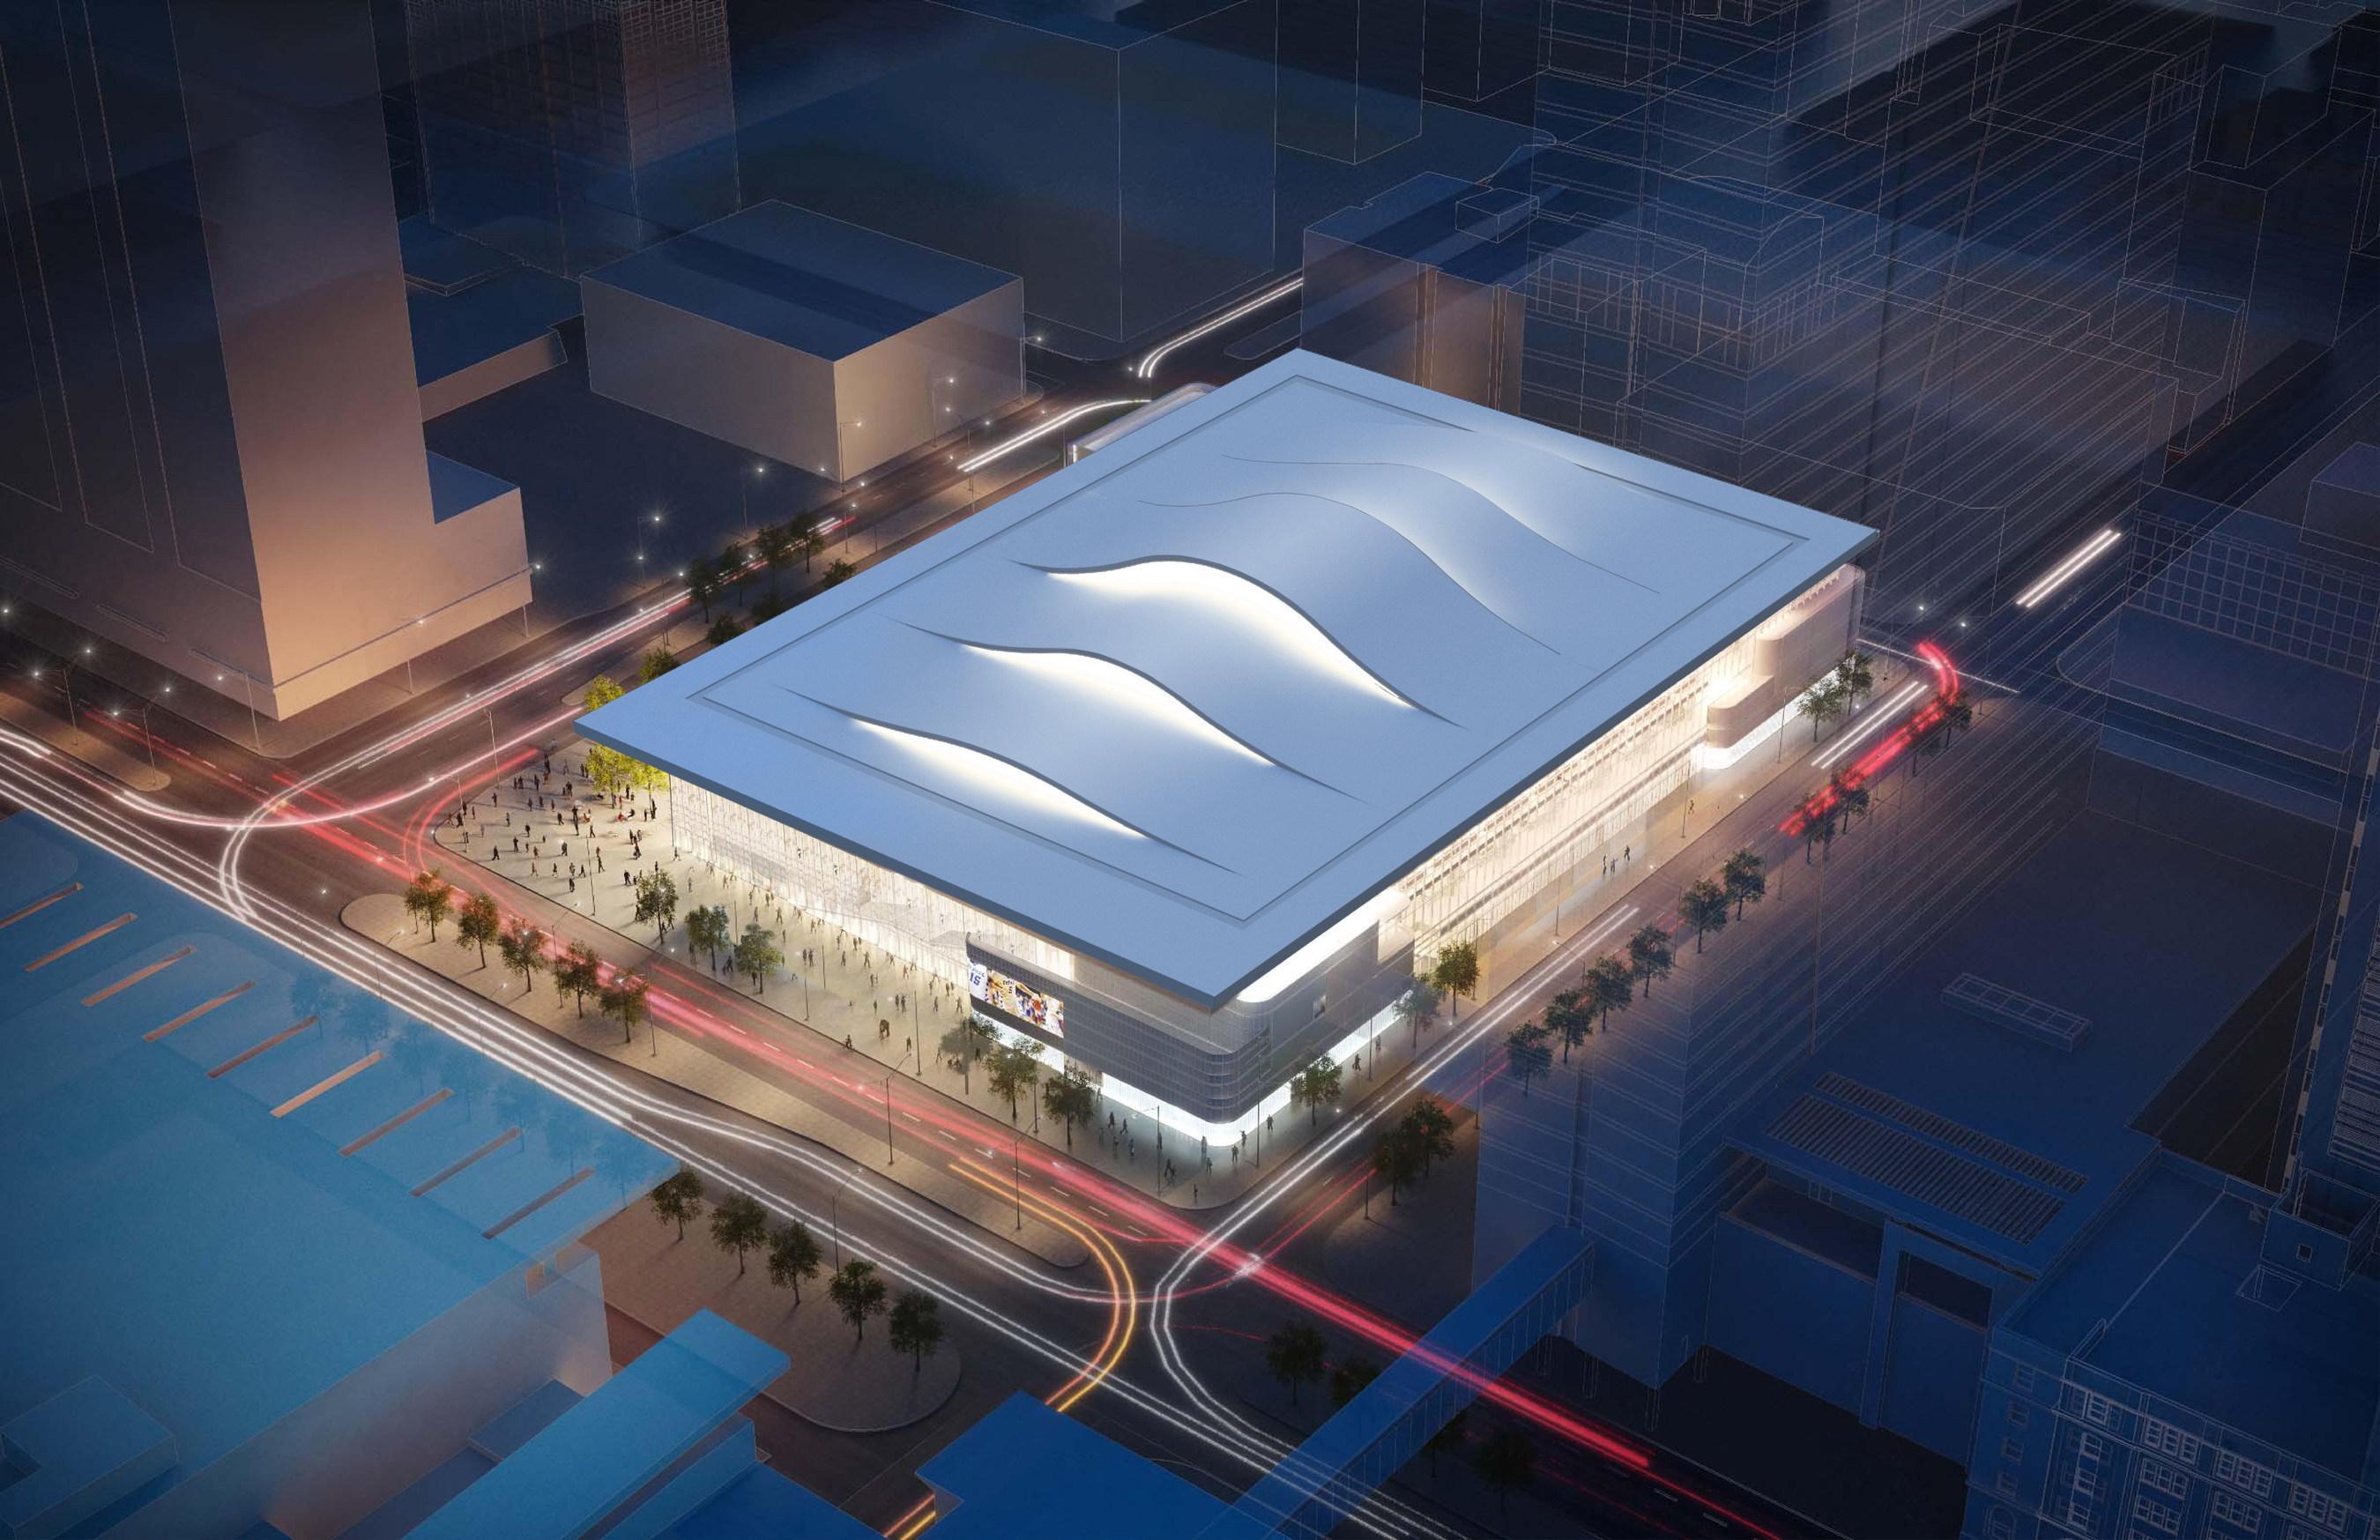 Spatenstich für Pelli Clarke Pelli Architects bei der neuen, 10.000 Plätze umfassenden Arena in